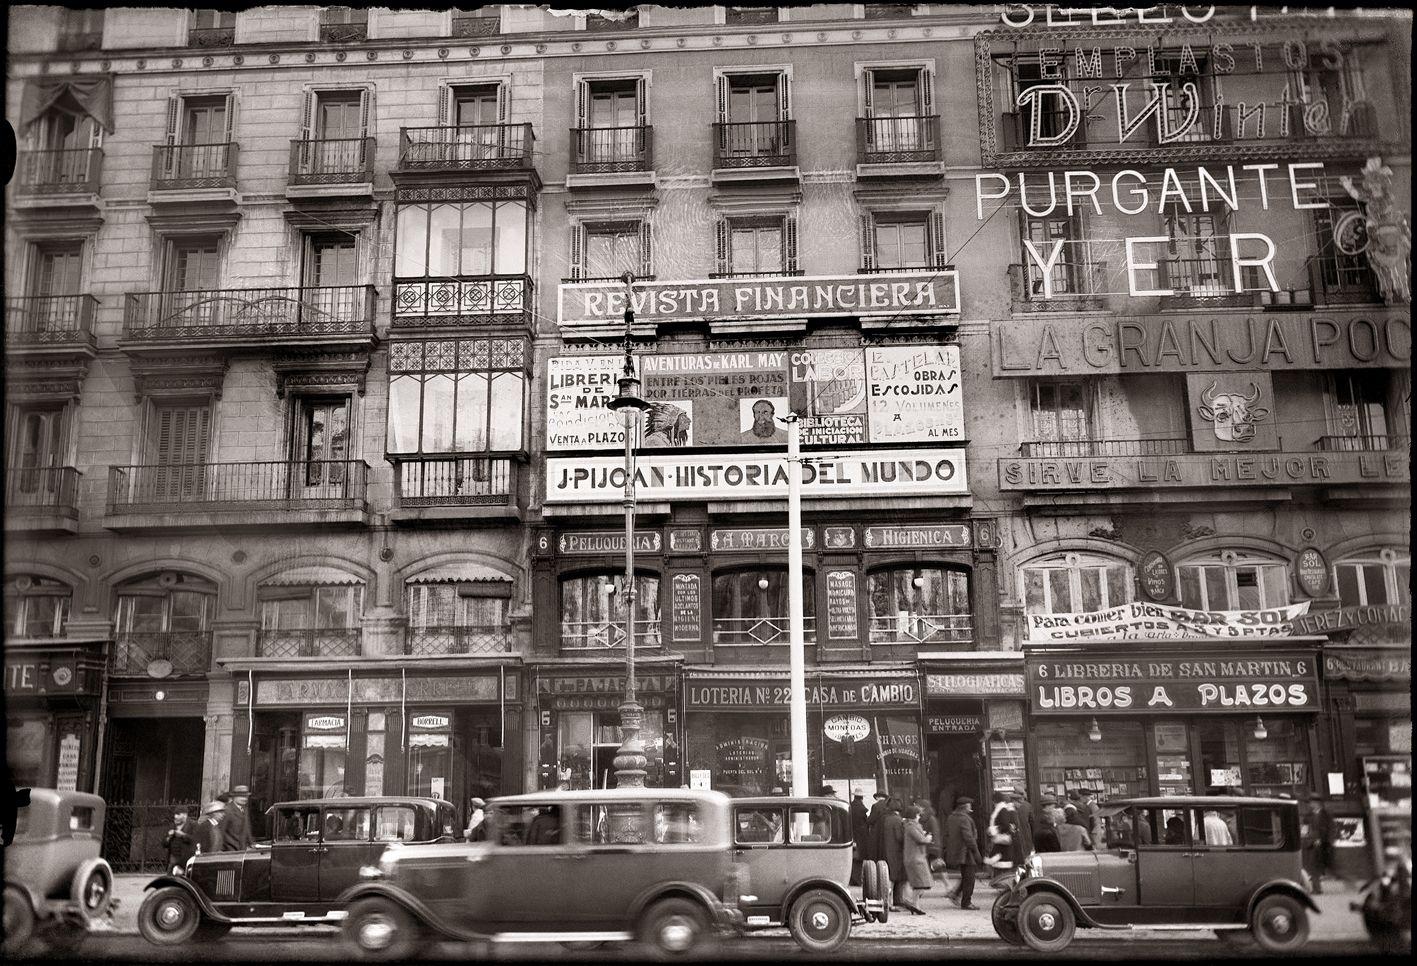 Diego gonz lez ragel puerta del sol madrid 1928 for Cc puerta del sol